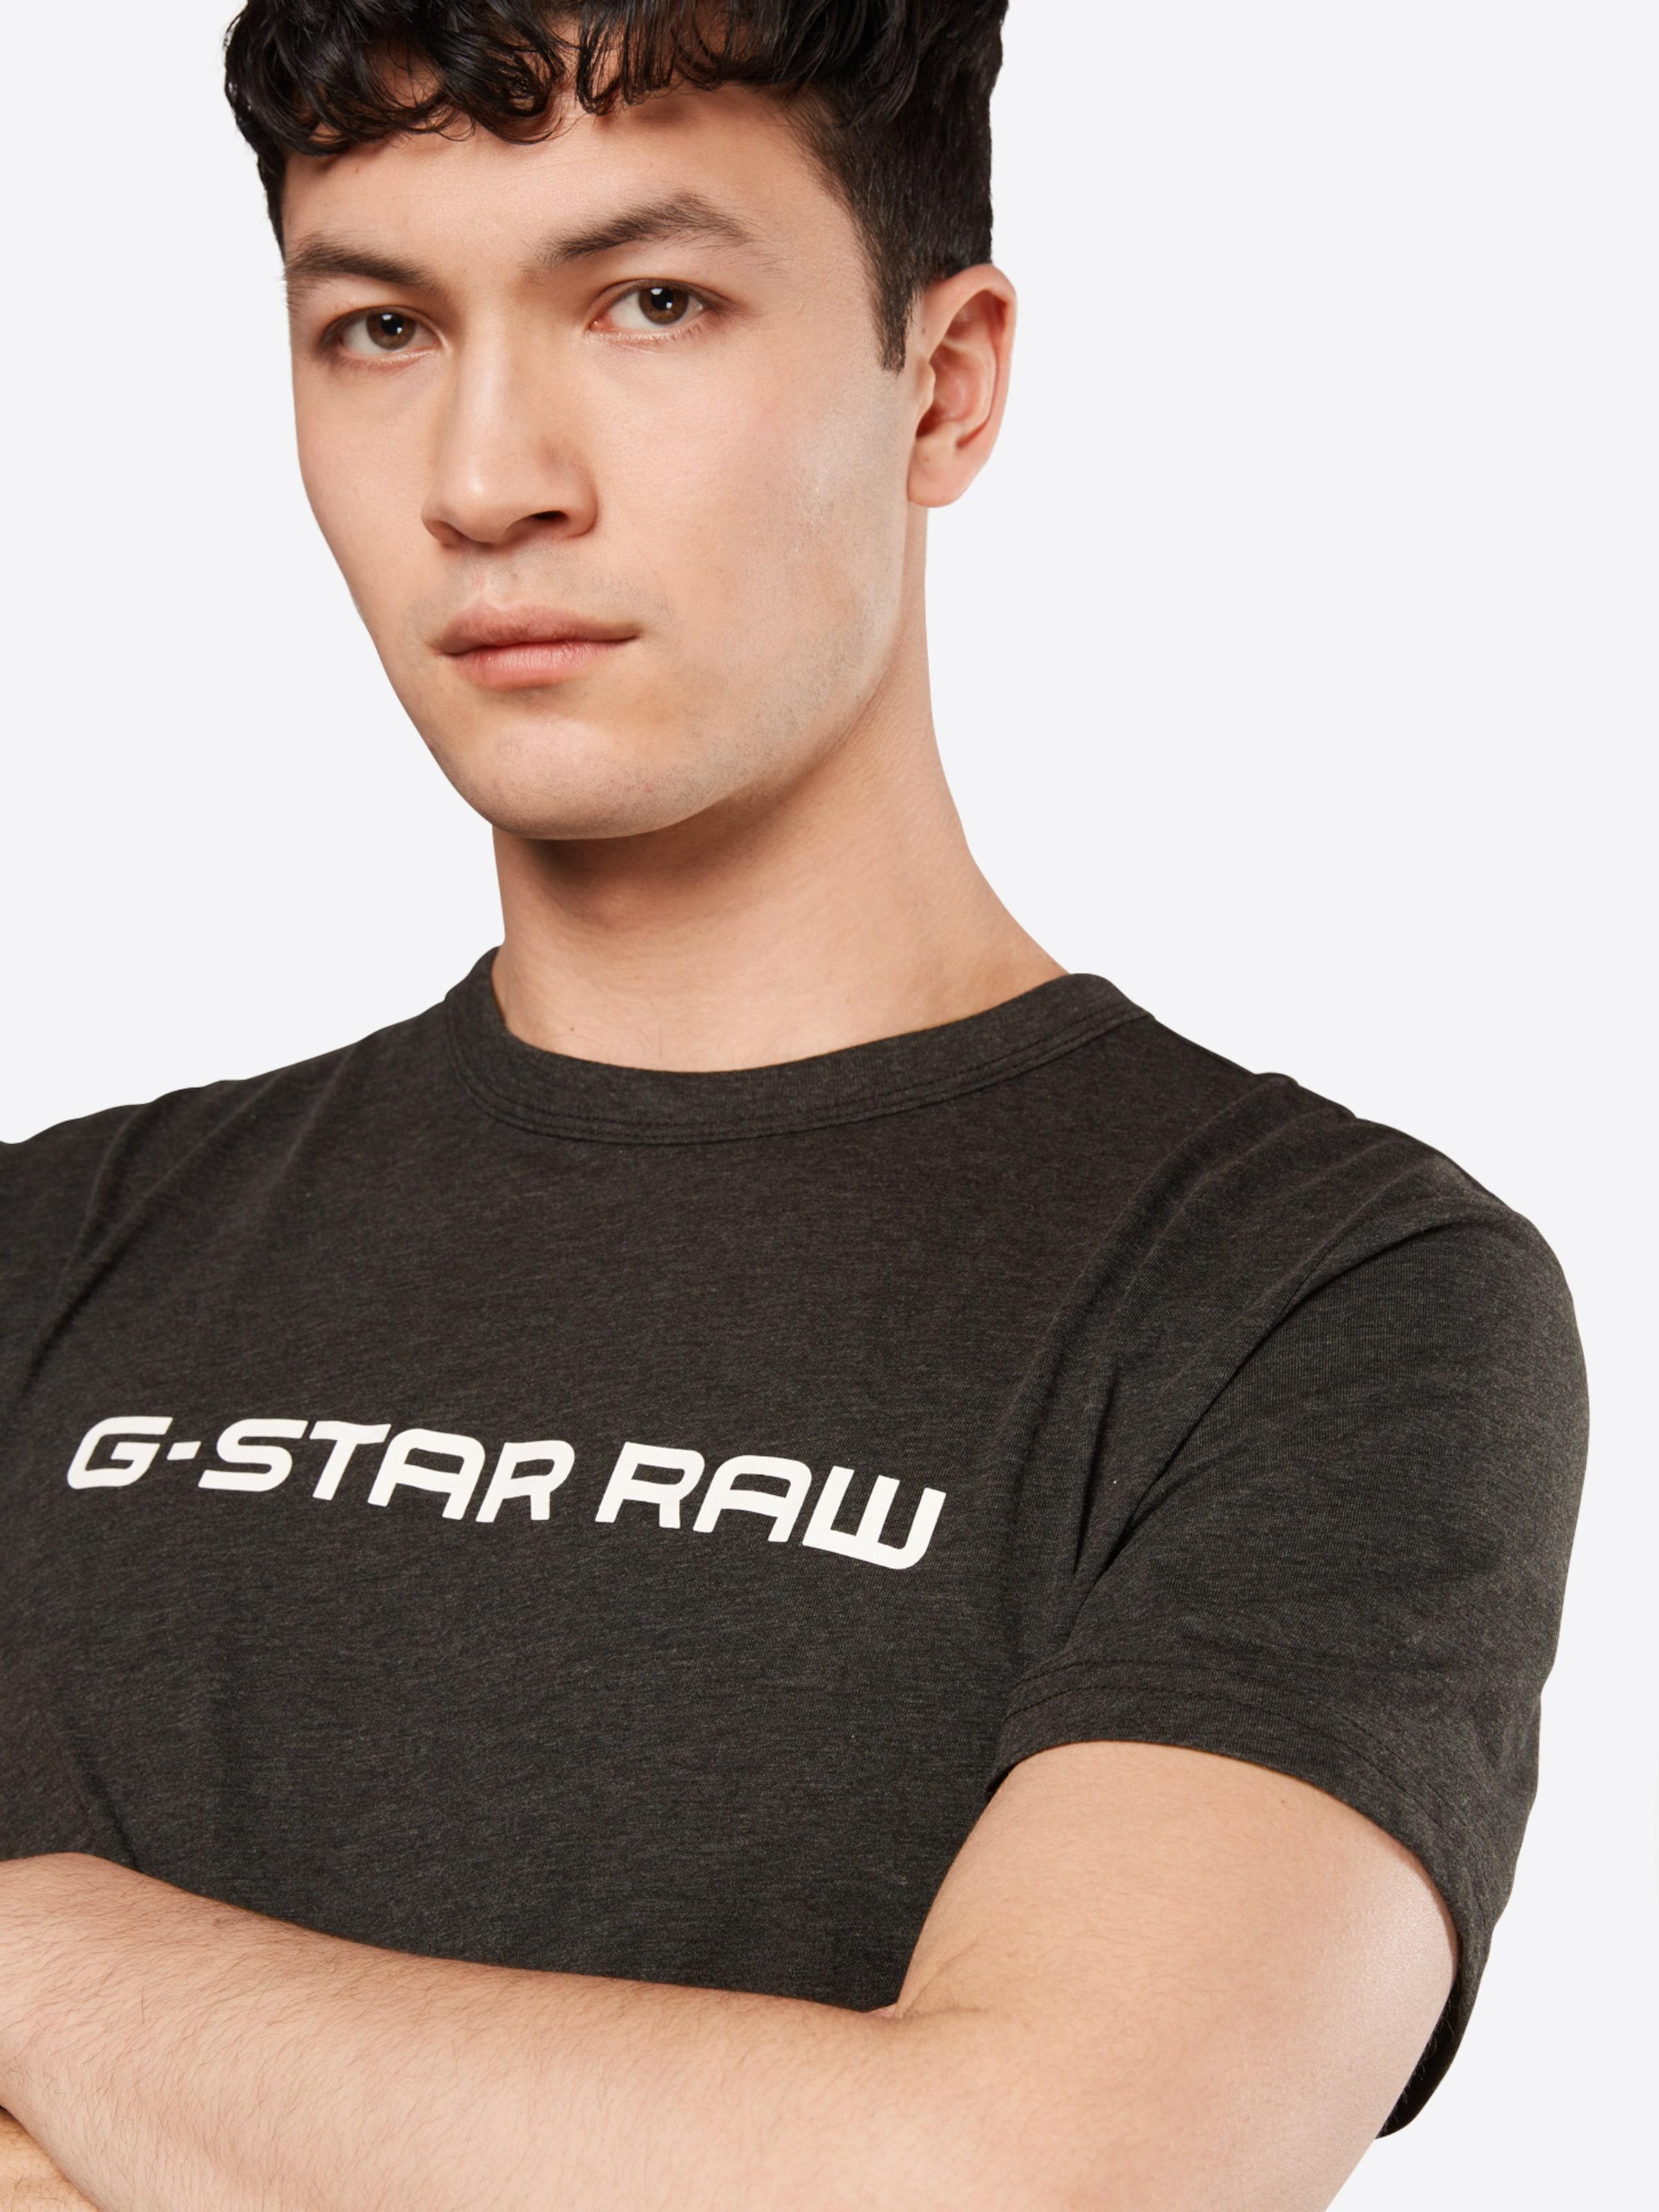 G-STAR RAW T-Shirt 'Loaq r t s/s' Billige Nicekicks Low-Cost Online Rabatt Browse Rabatt-Codes Spielraum Store Günstig Kaufen Besuch Neu u3oJyl